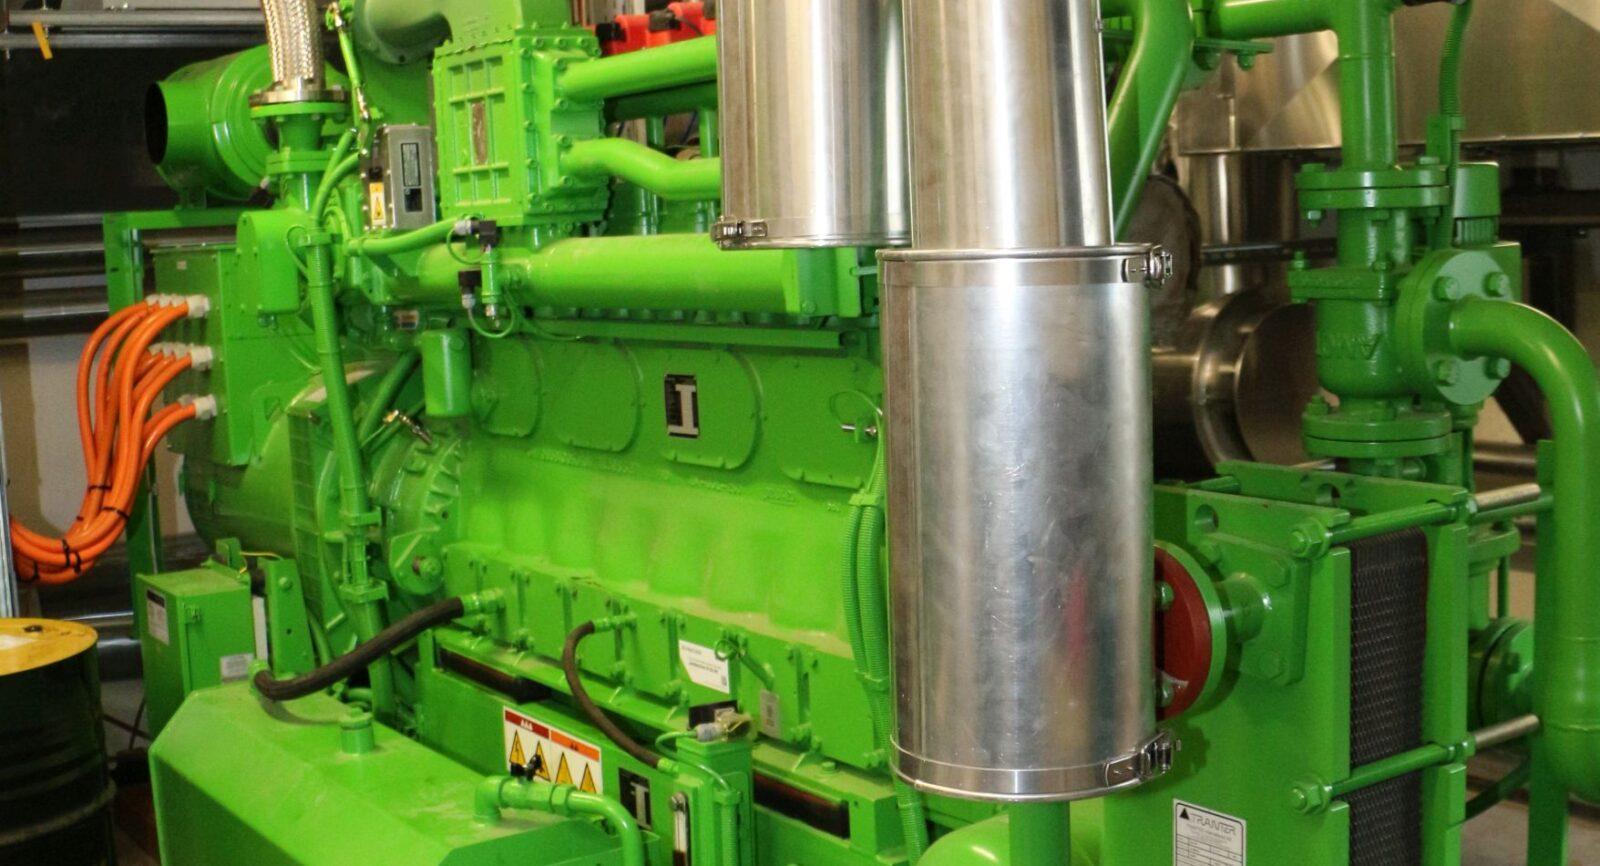 Die jüngste BHKW-Einheit, ein zweiter Gasmotor mit mehr Leistung (grün), liefert seit 2021 zusätzlichen Strom ins Netz und ist nun dritter Wärmeerzeuger der Müller Energie GmbH für das Nahwärmenetz.